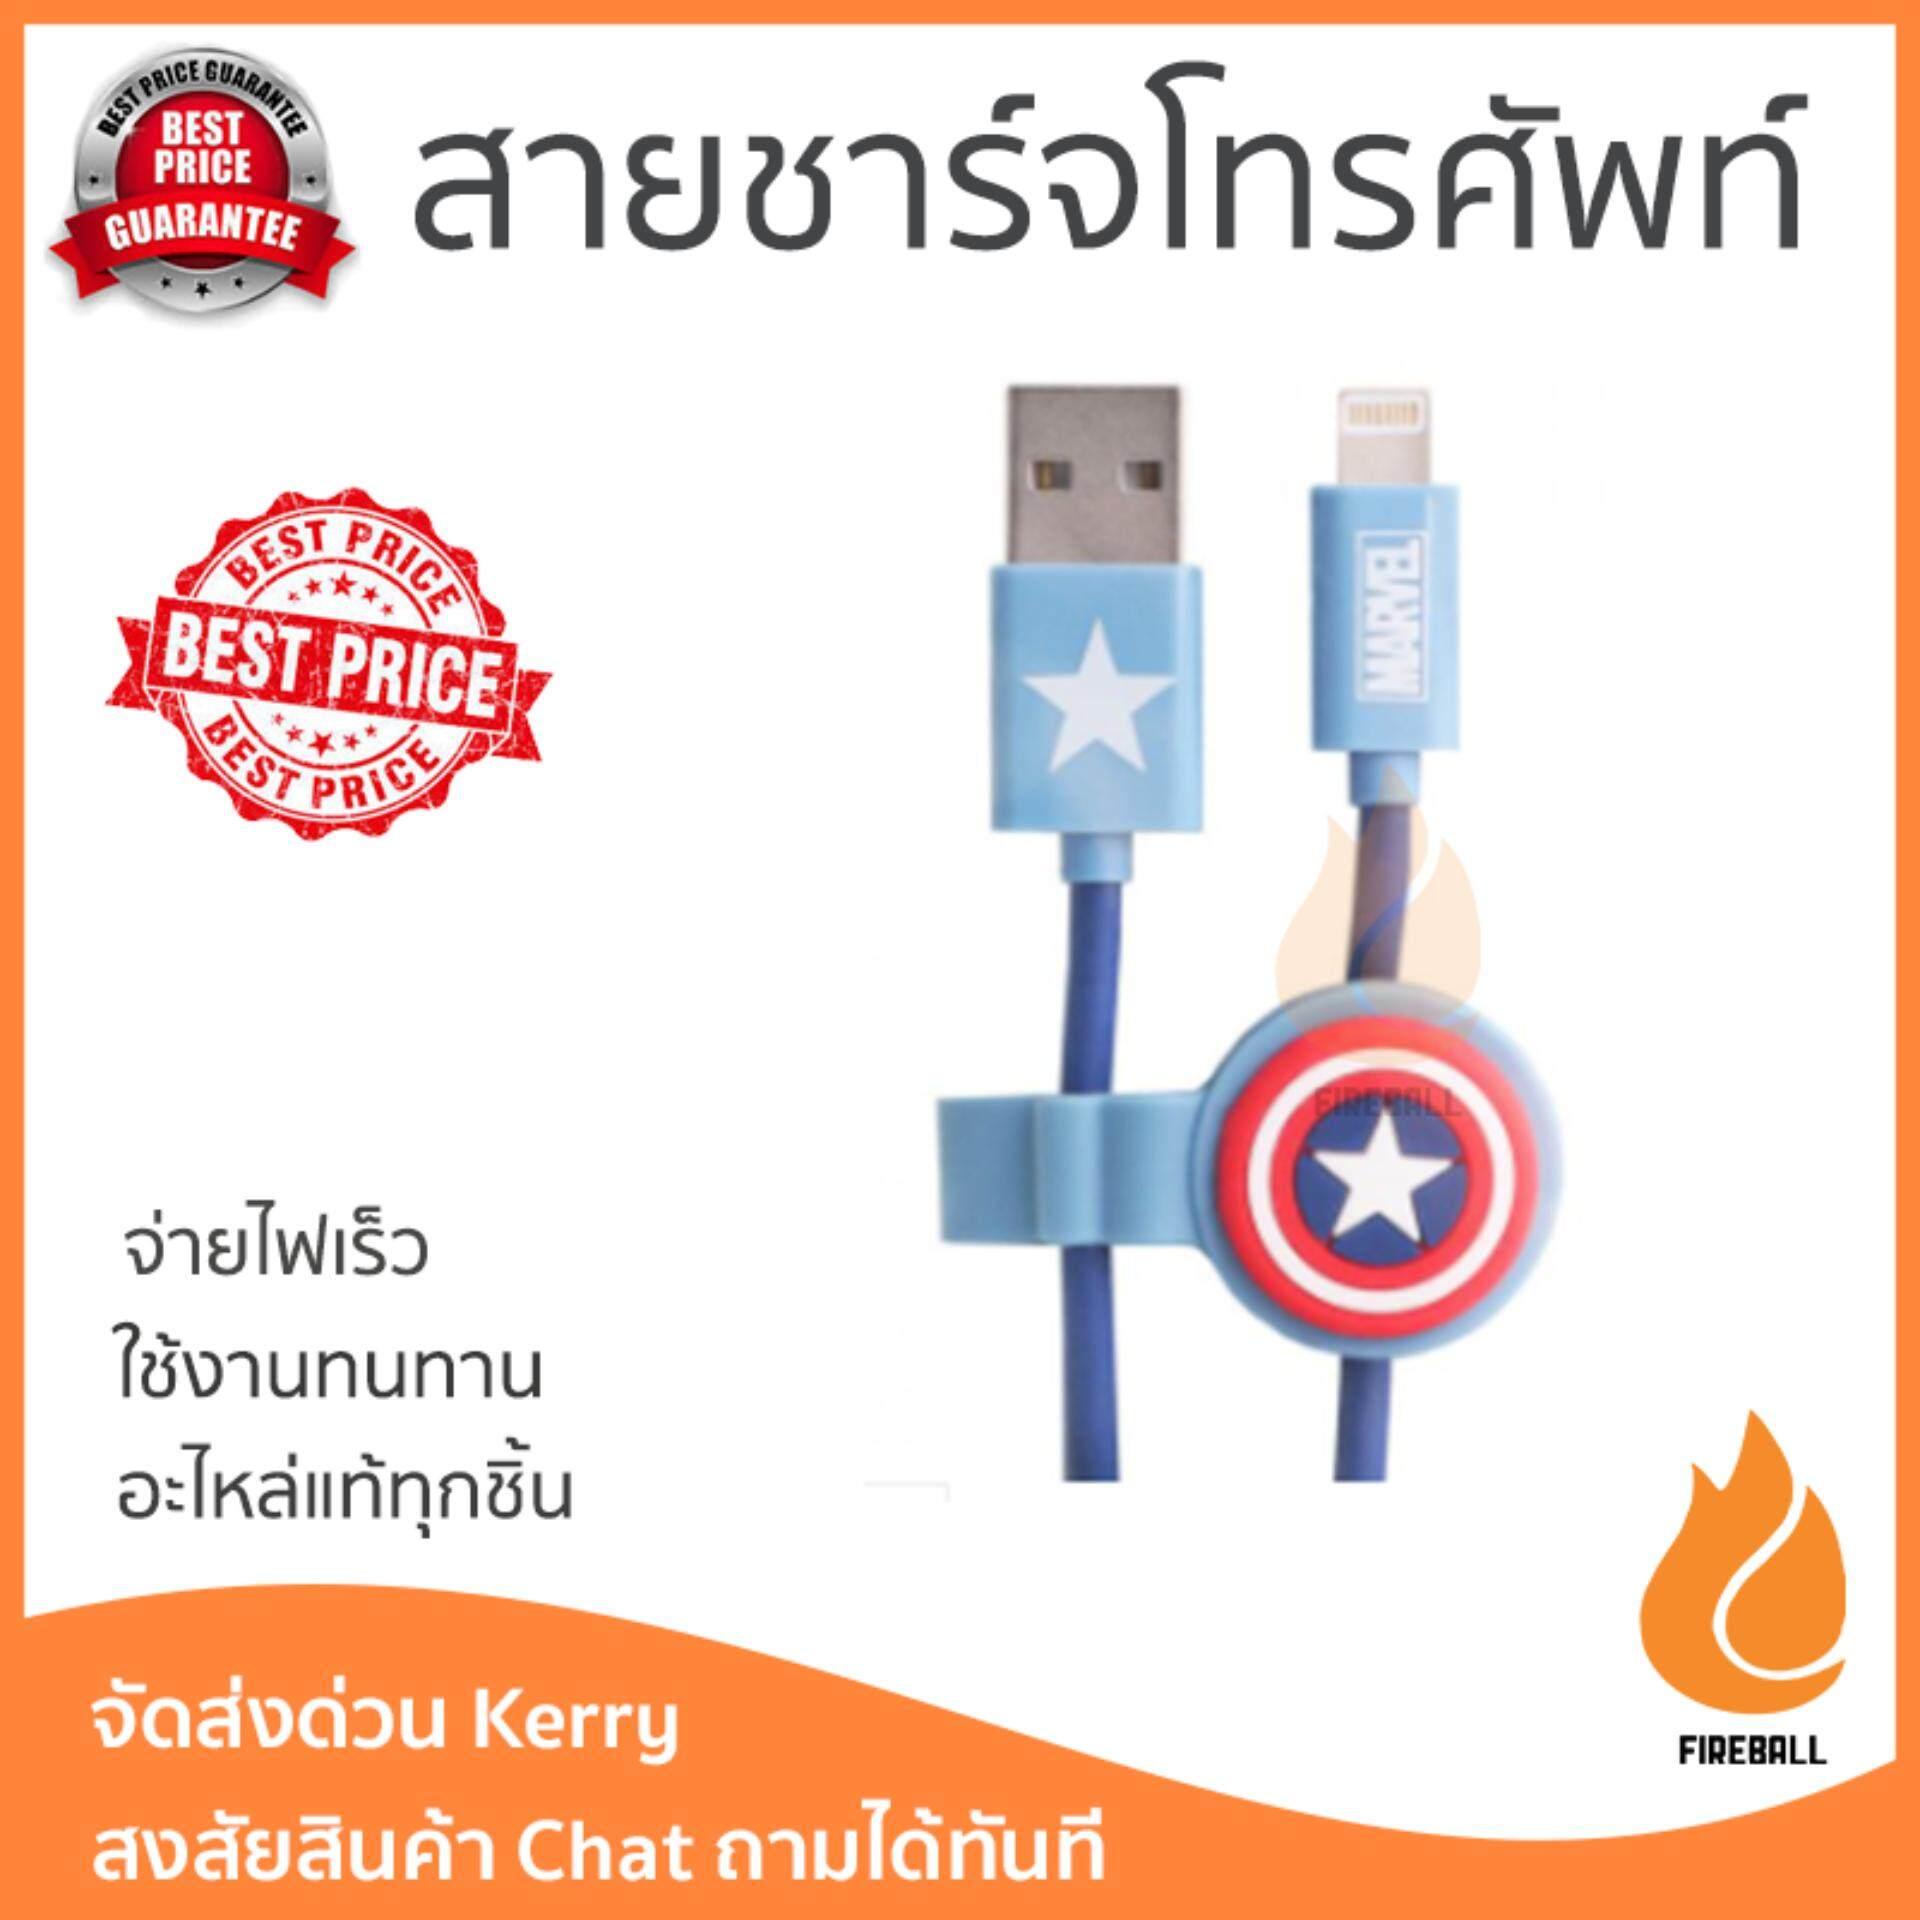 เก็บเงินปลายทางได้ ราคาพิเศษ รุ่นยอดนิยม สายชาร์จโทรศัพท์ CS@ Rizz Lightning USB MA-CL-102 Marvel Captain สายชาร์จทนทาน แข็งแรง จ่ายไฟเร็ว Mobile Cable จัดส่งฟรี Kerry ทั่วประเทศ